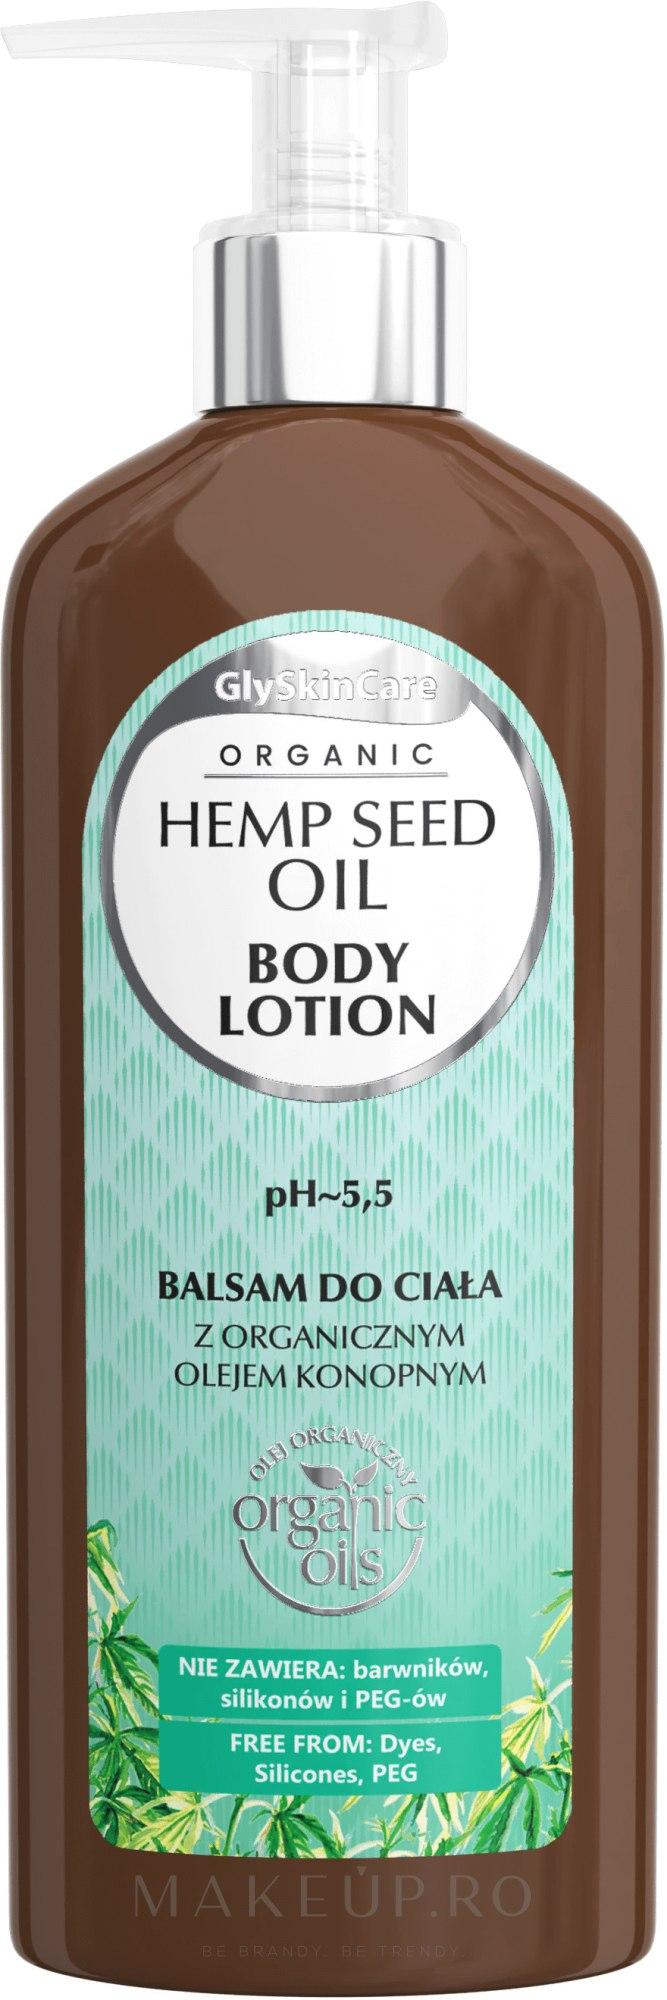 Loțiune cu ulei organic de cânepă pentru corp - GlySkinCare Hemp Seed Oil Body Lotion — Imagine 250 ml